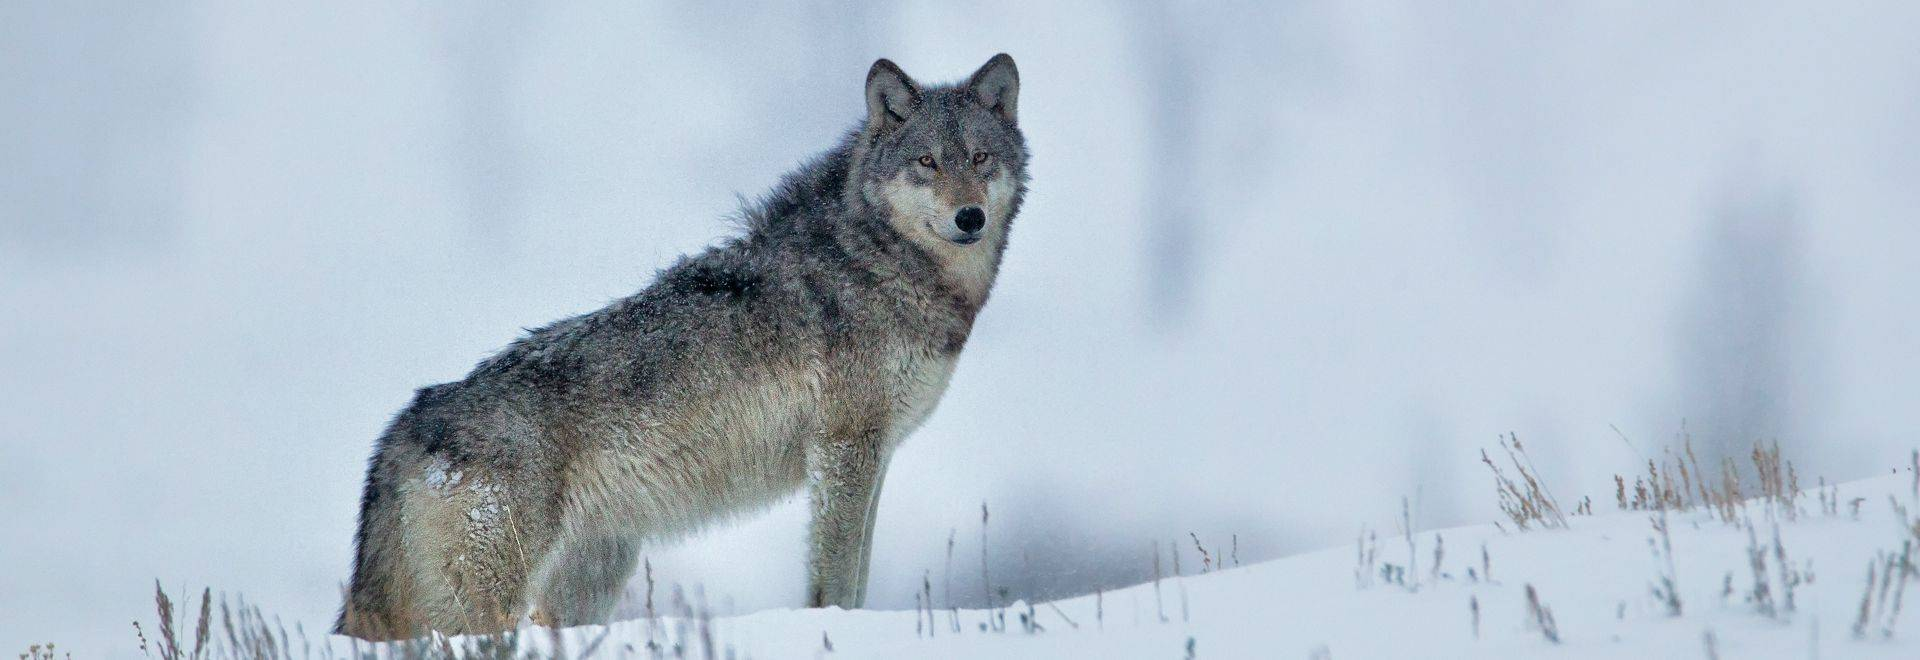 این گرگ زیبا در جنگلی در بلاروس منتظر شماست!